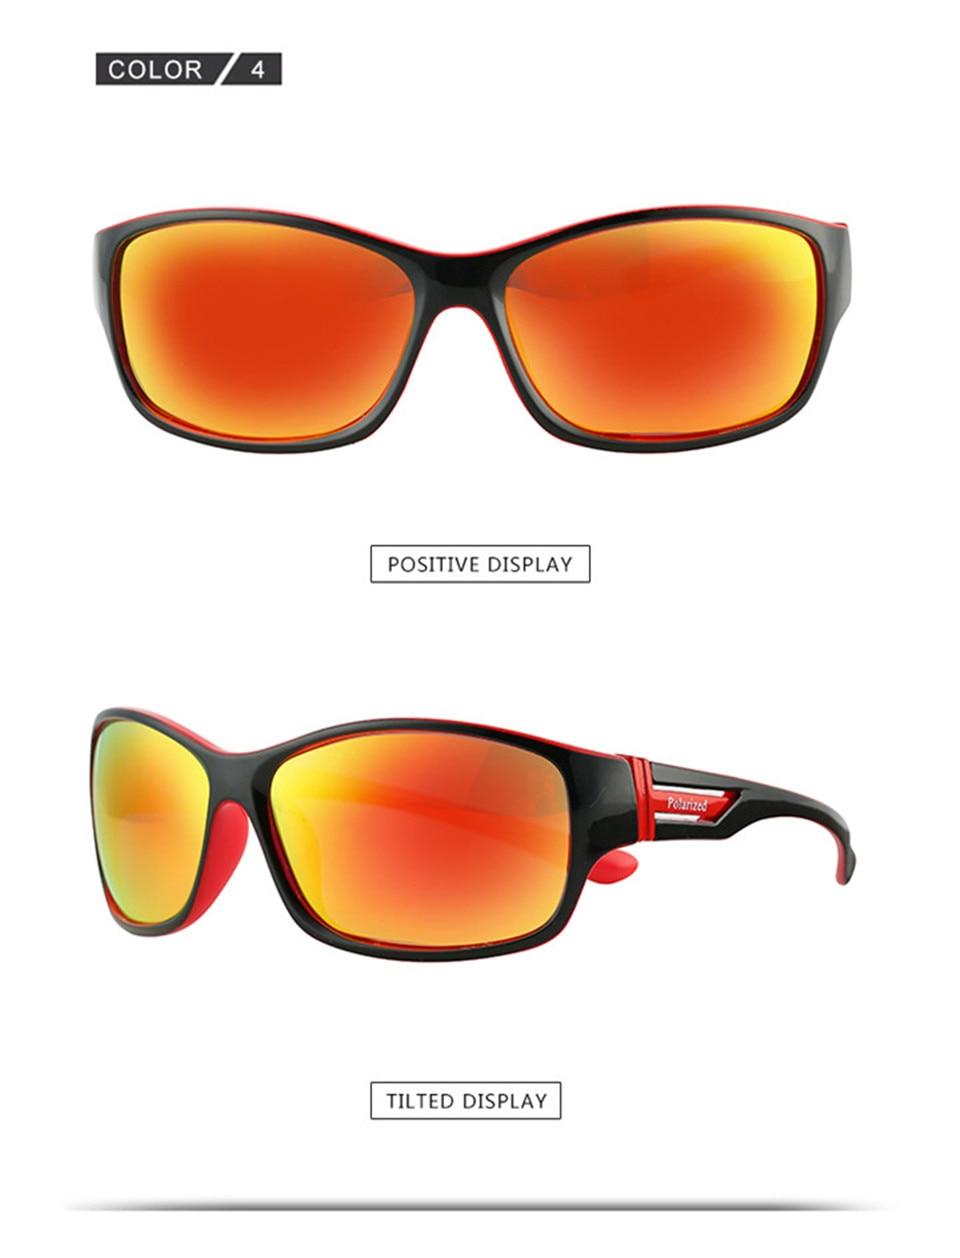 RILIXES 2018 Fashion Guy\'s Sun Glasses From Kdeam Polarized Sunglasses Men Classic Design All-Fit Mirror Sunglass (10)